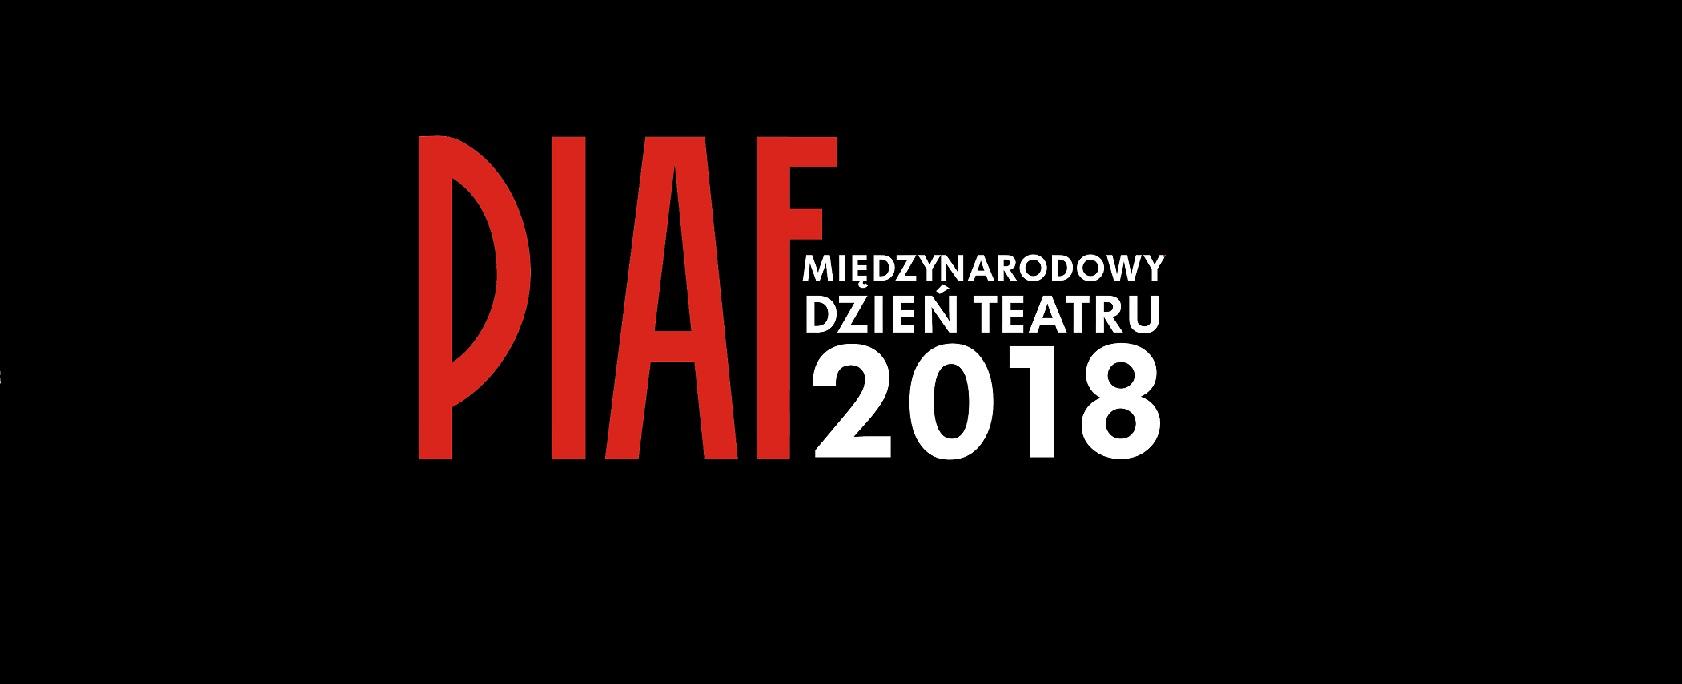 Obchody Międzynarodowego Dnia Teatru